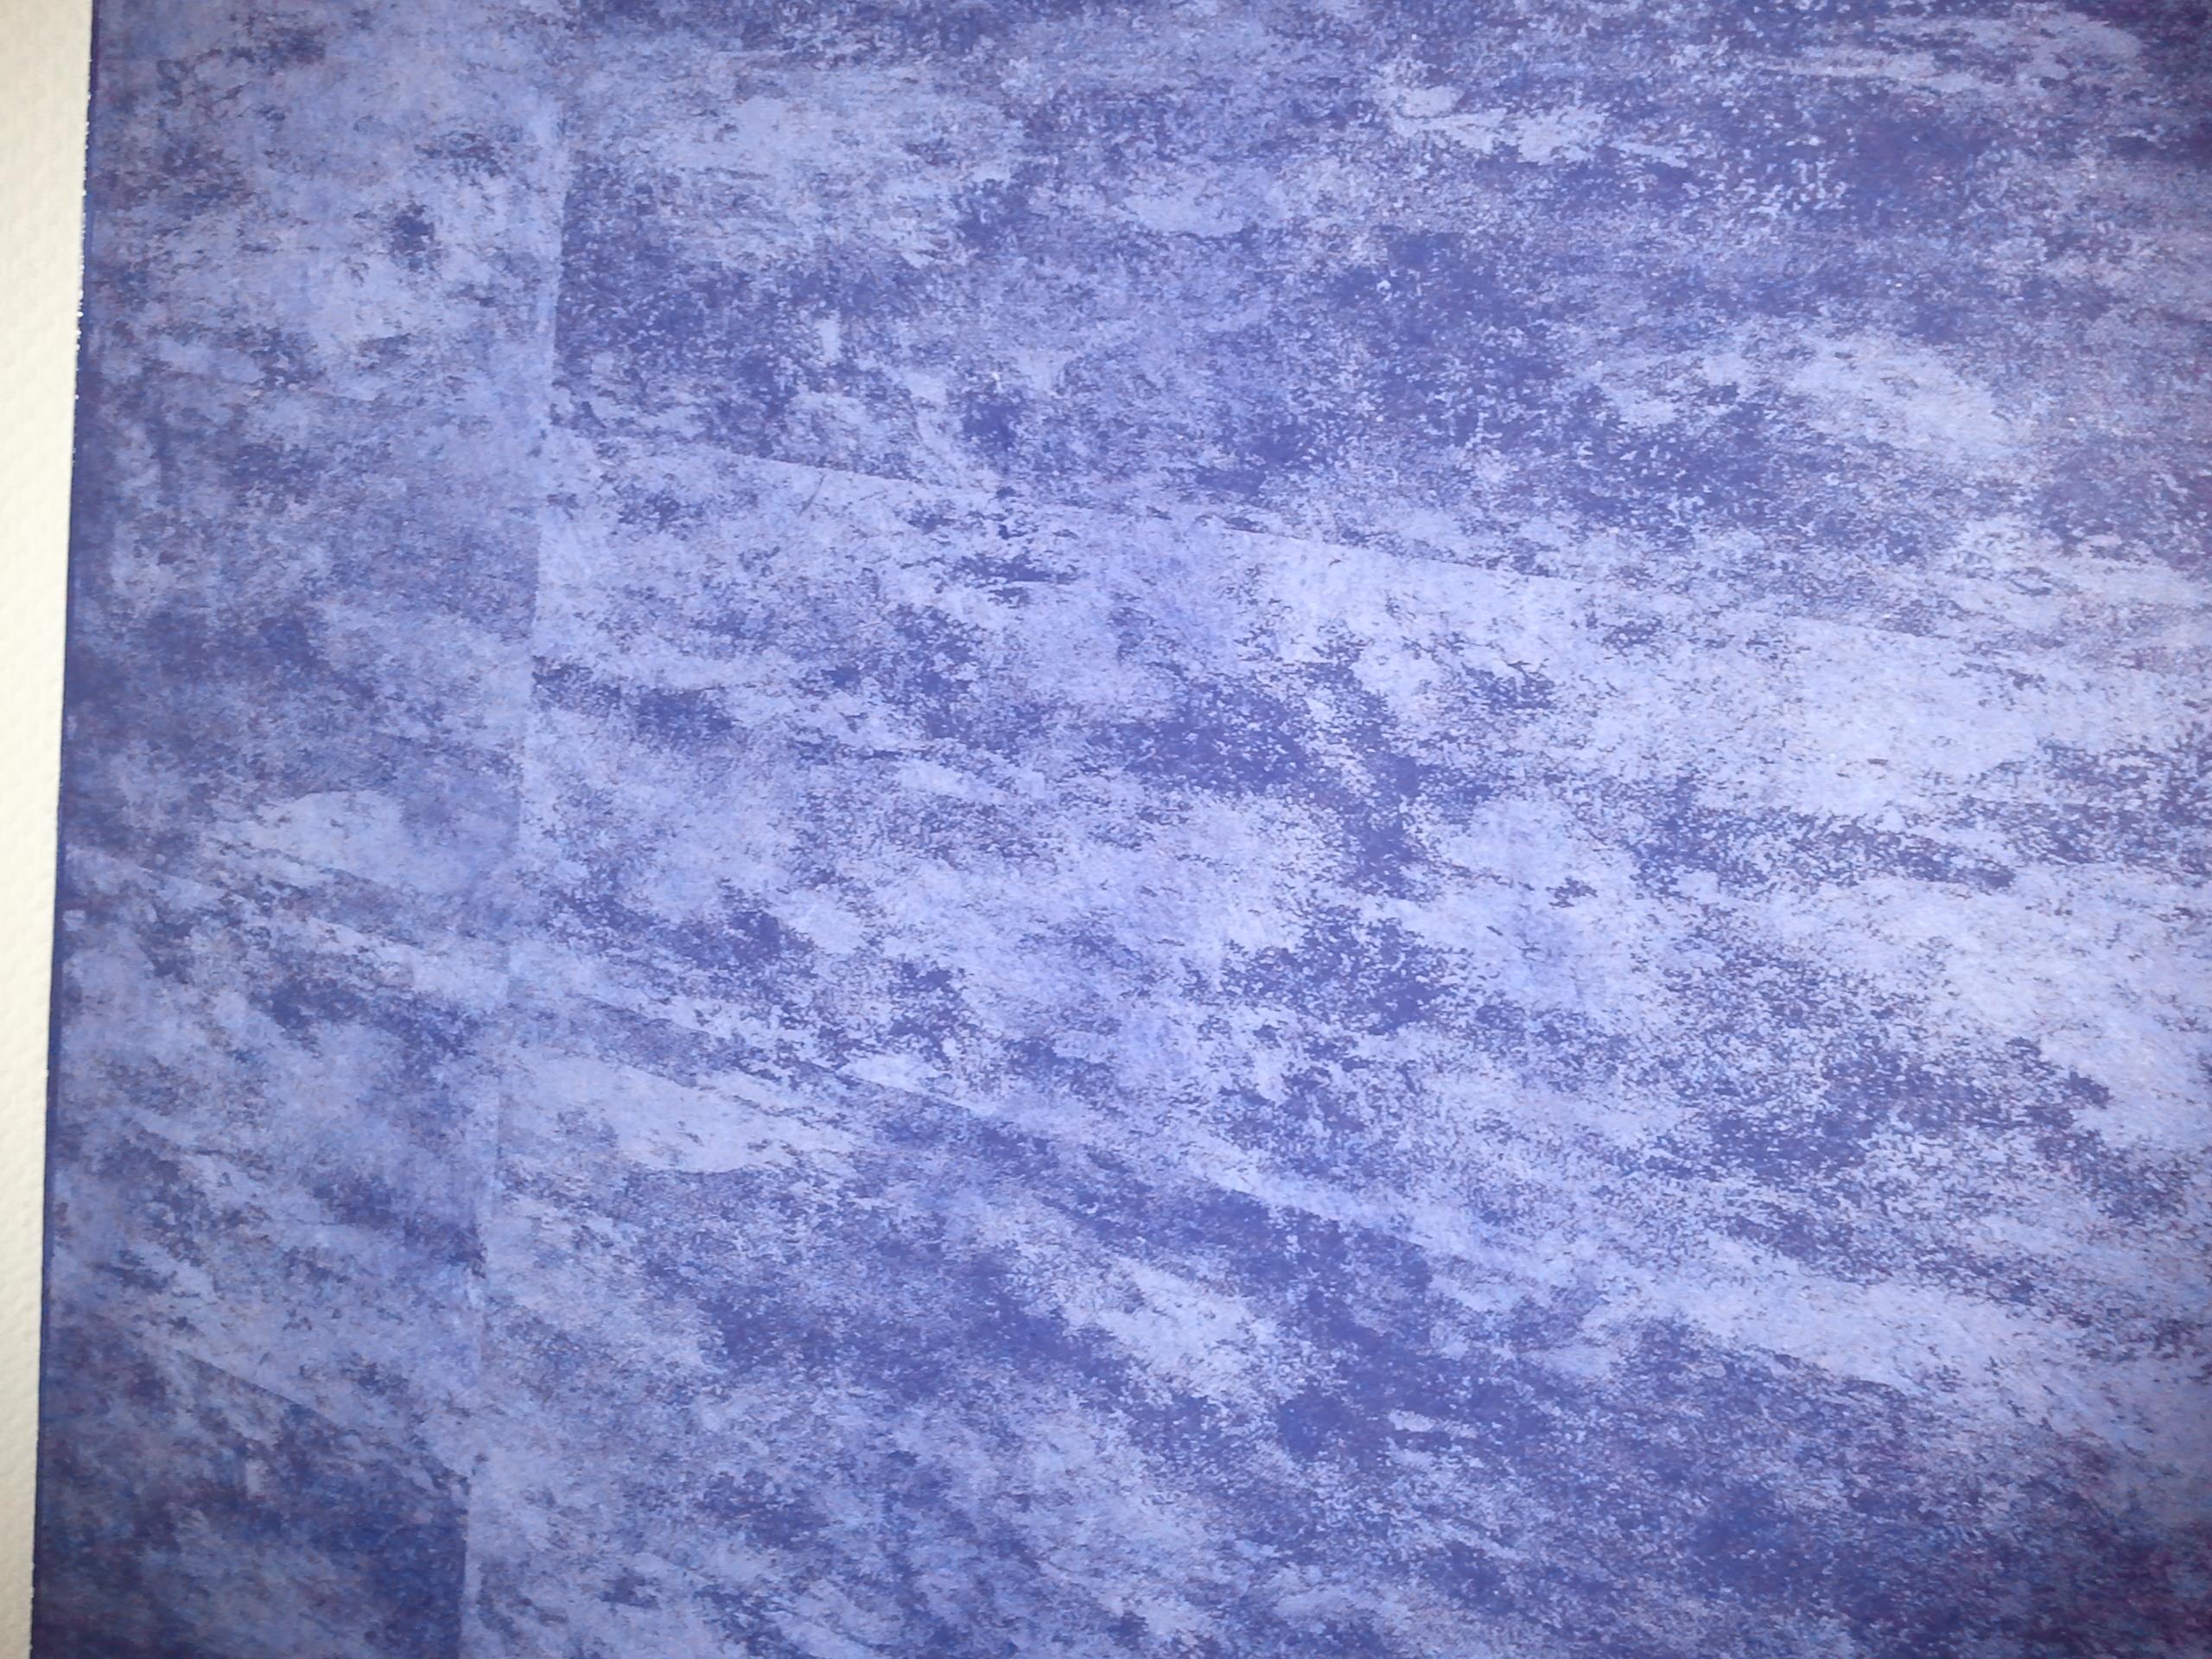 Fantastik Fleece Mit Blauer Deko Lasur Direkt Vom Handy